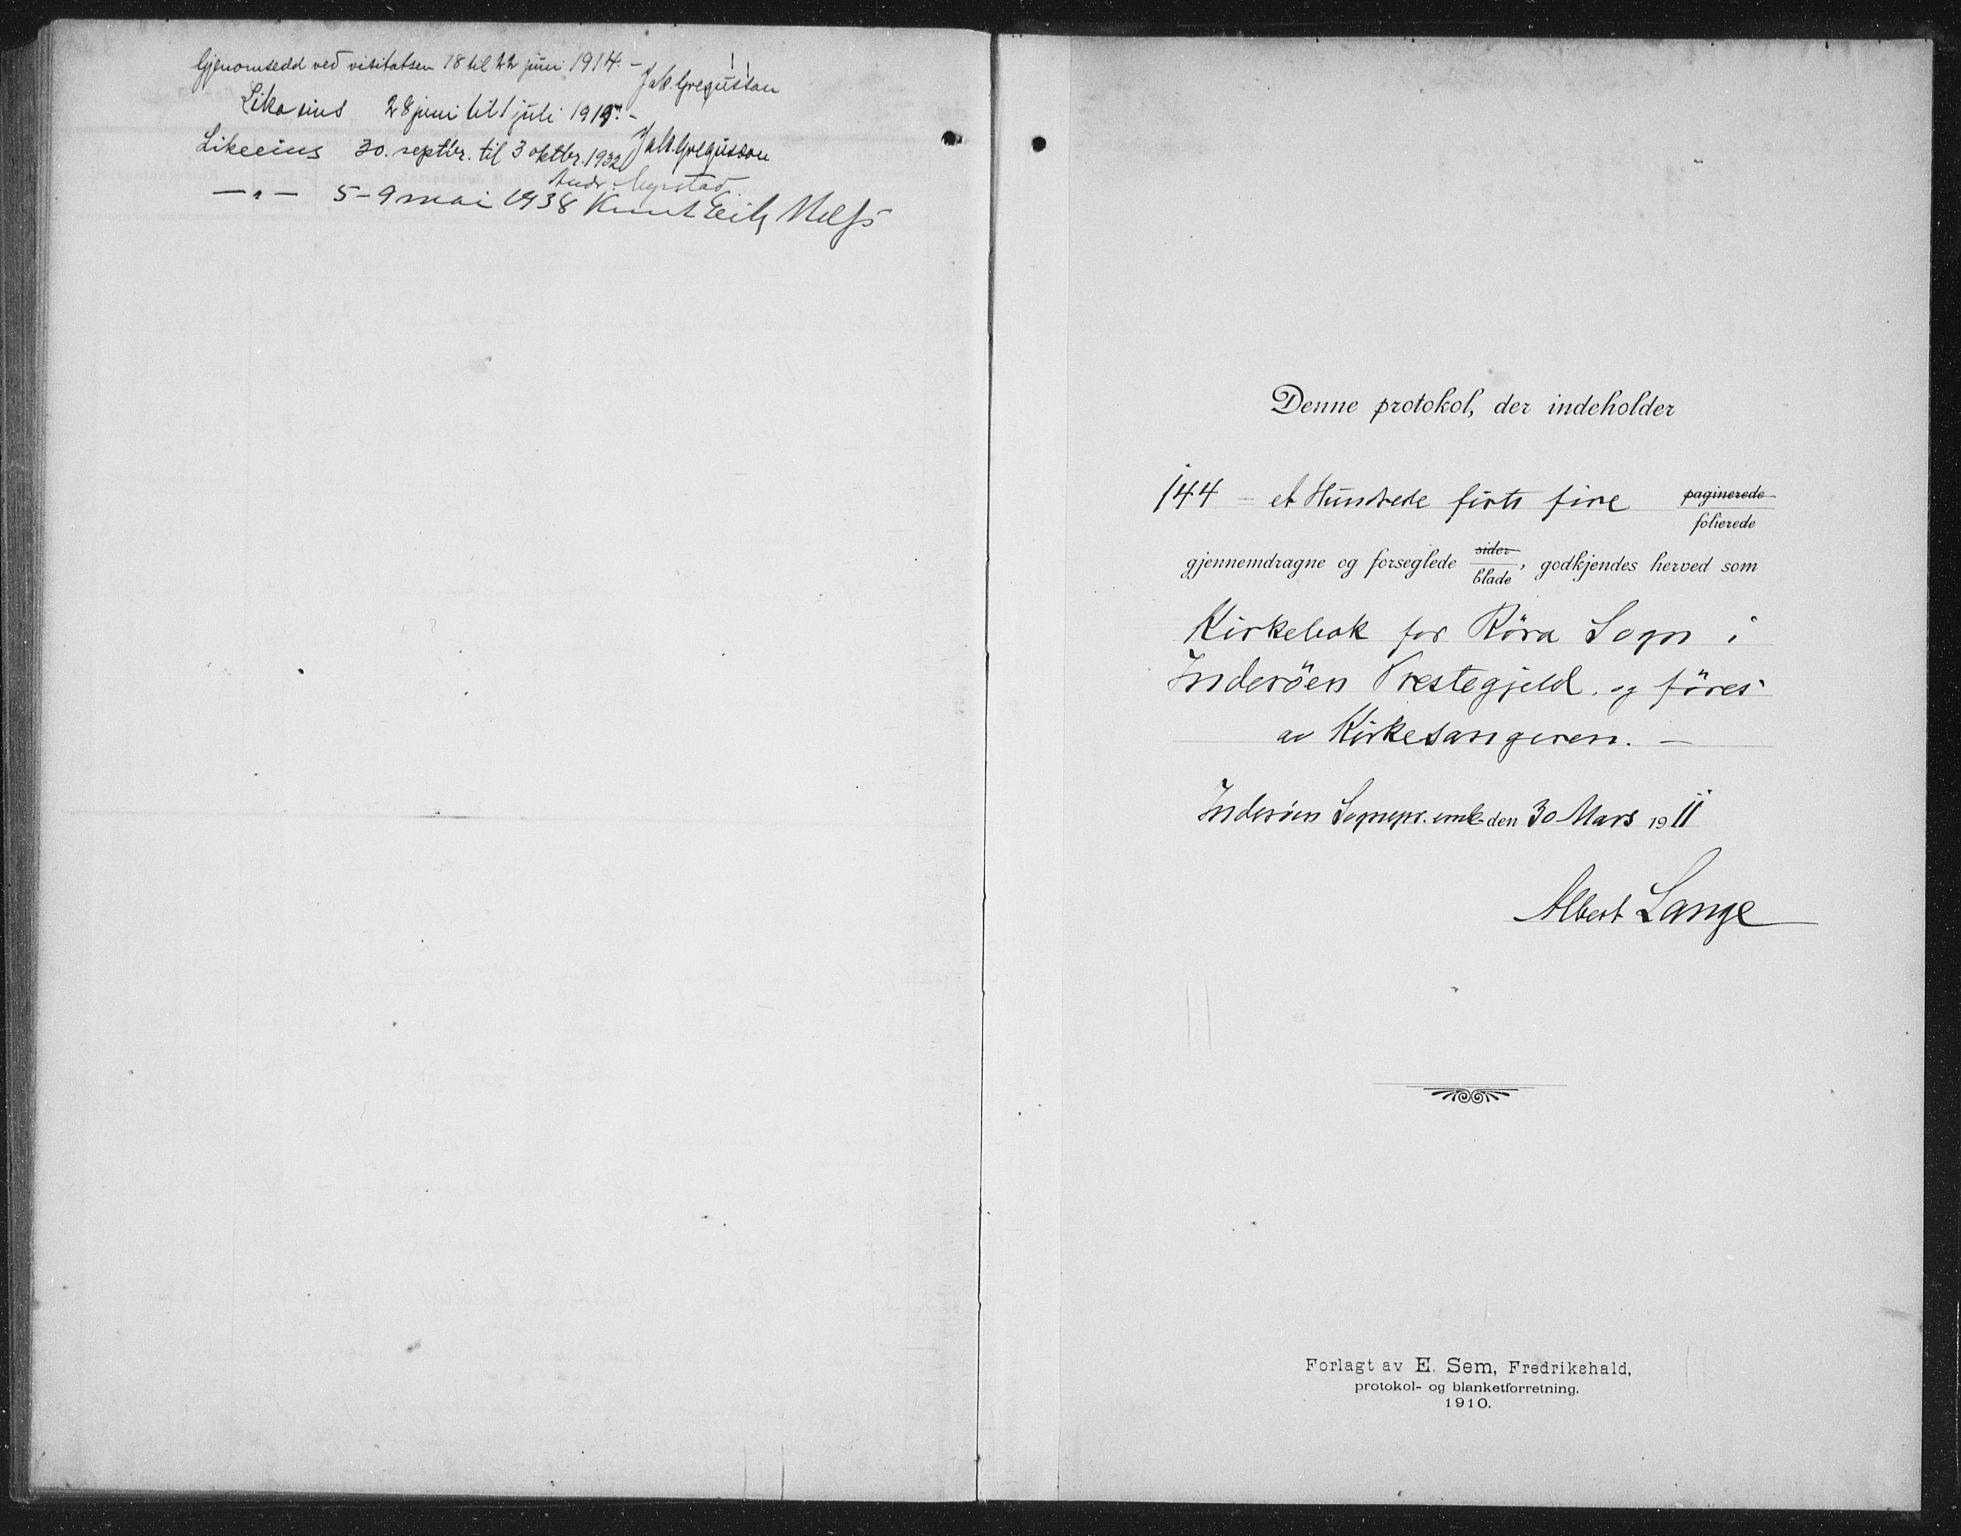 SAT, Ministerialprotokoller, klokkerbøker og fødselsregistre - Nord-Trøndelag, 731/L0312: Klokkerbok nr. 731C03, 1911-1935